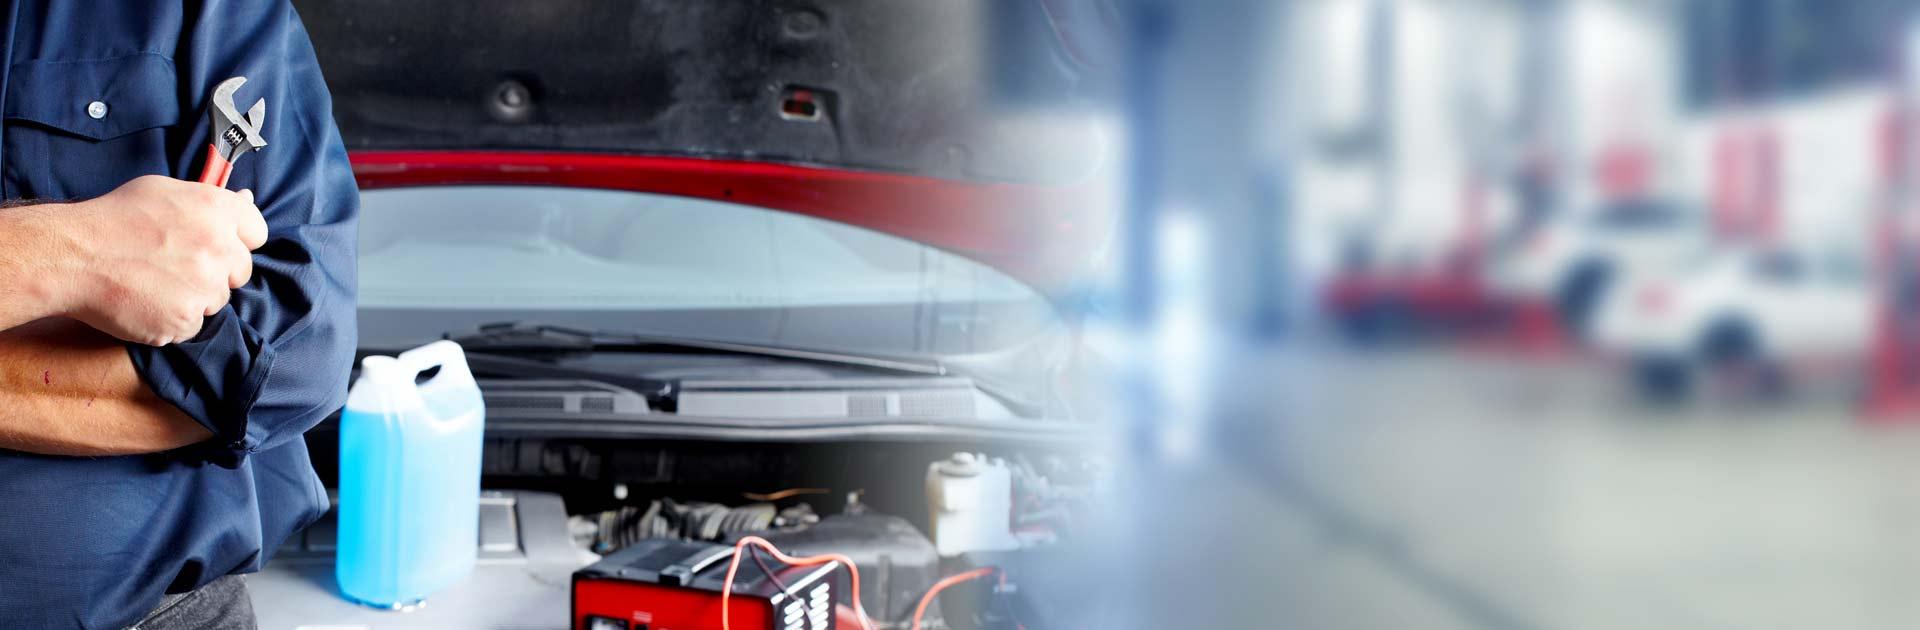 Auto Truck Servizi settore trasformazioni tecniche di veicoli